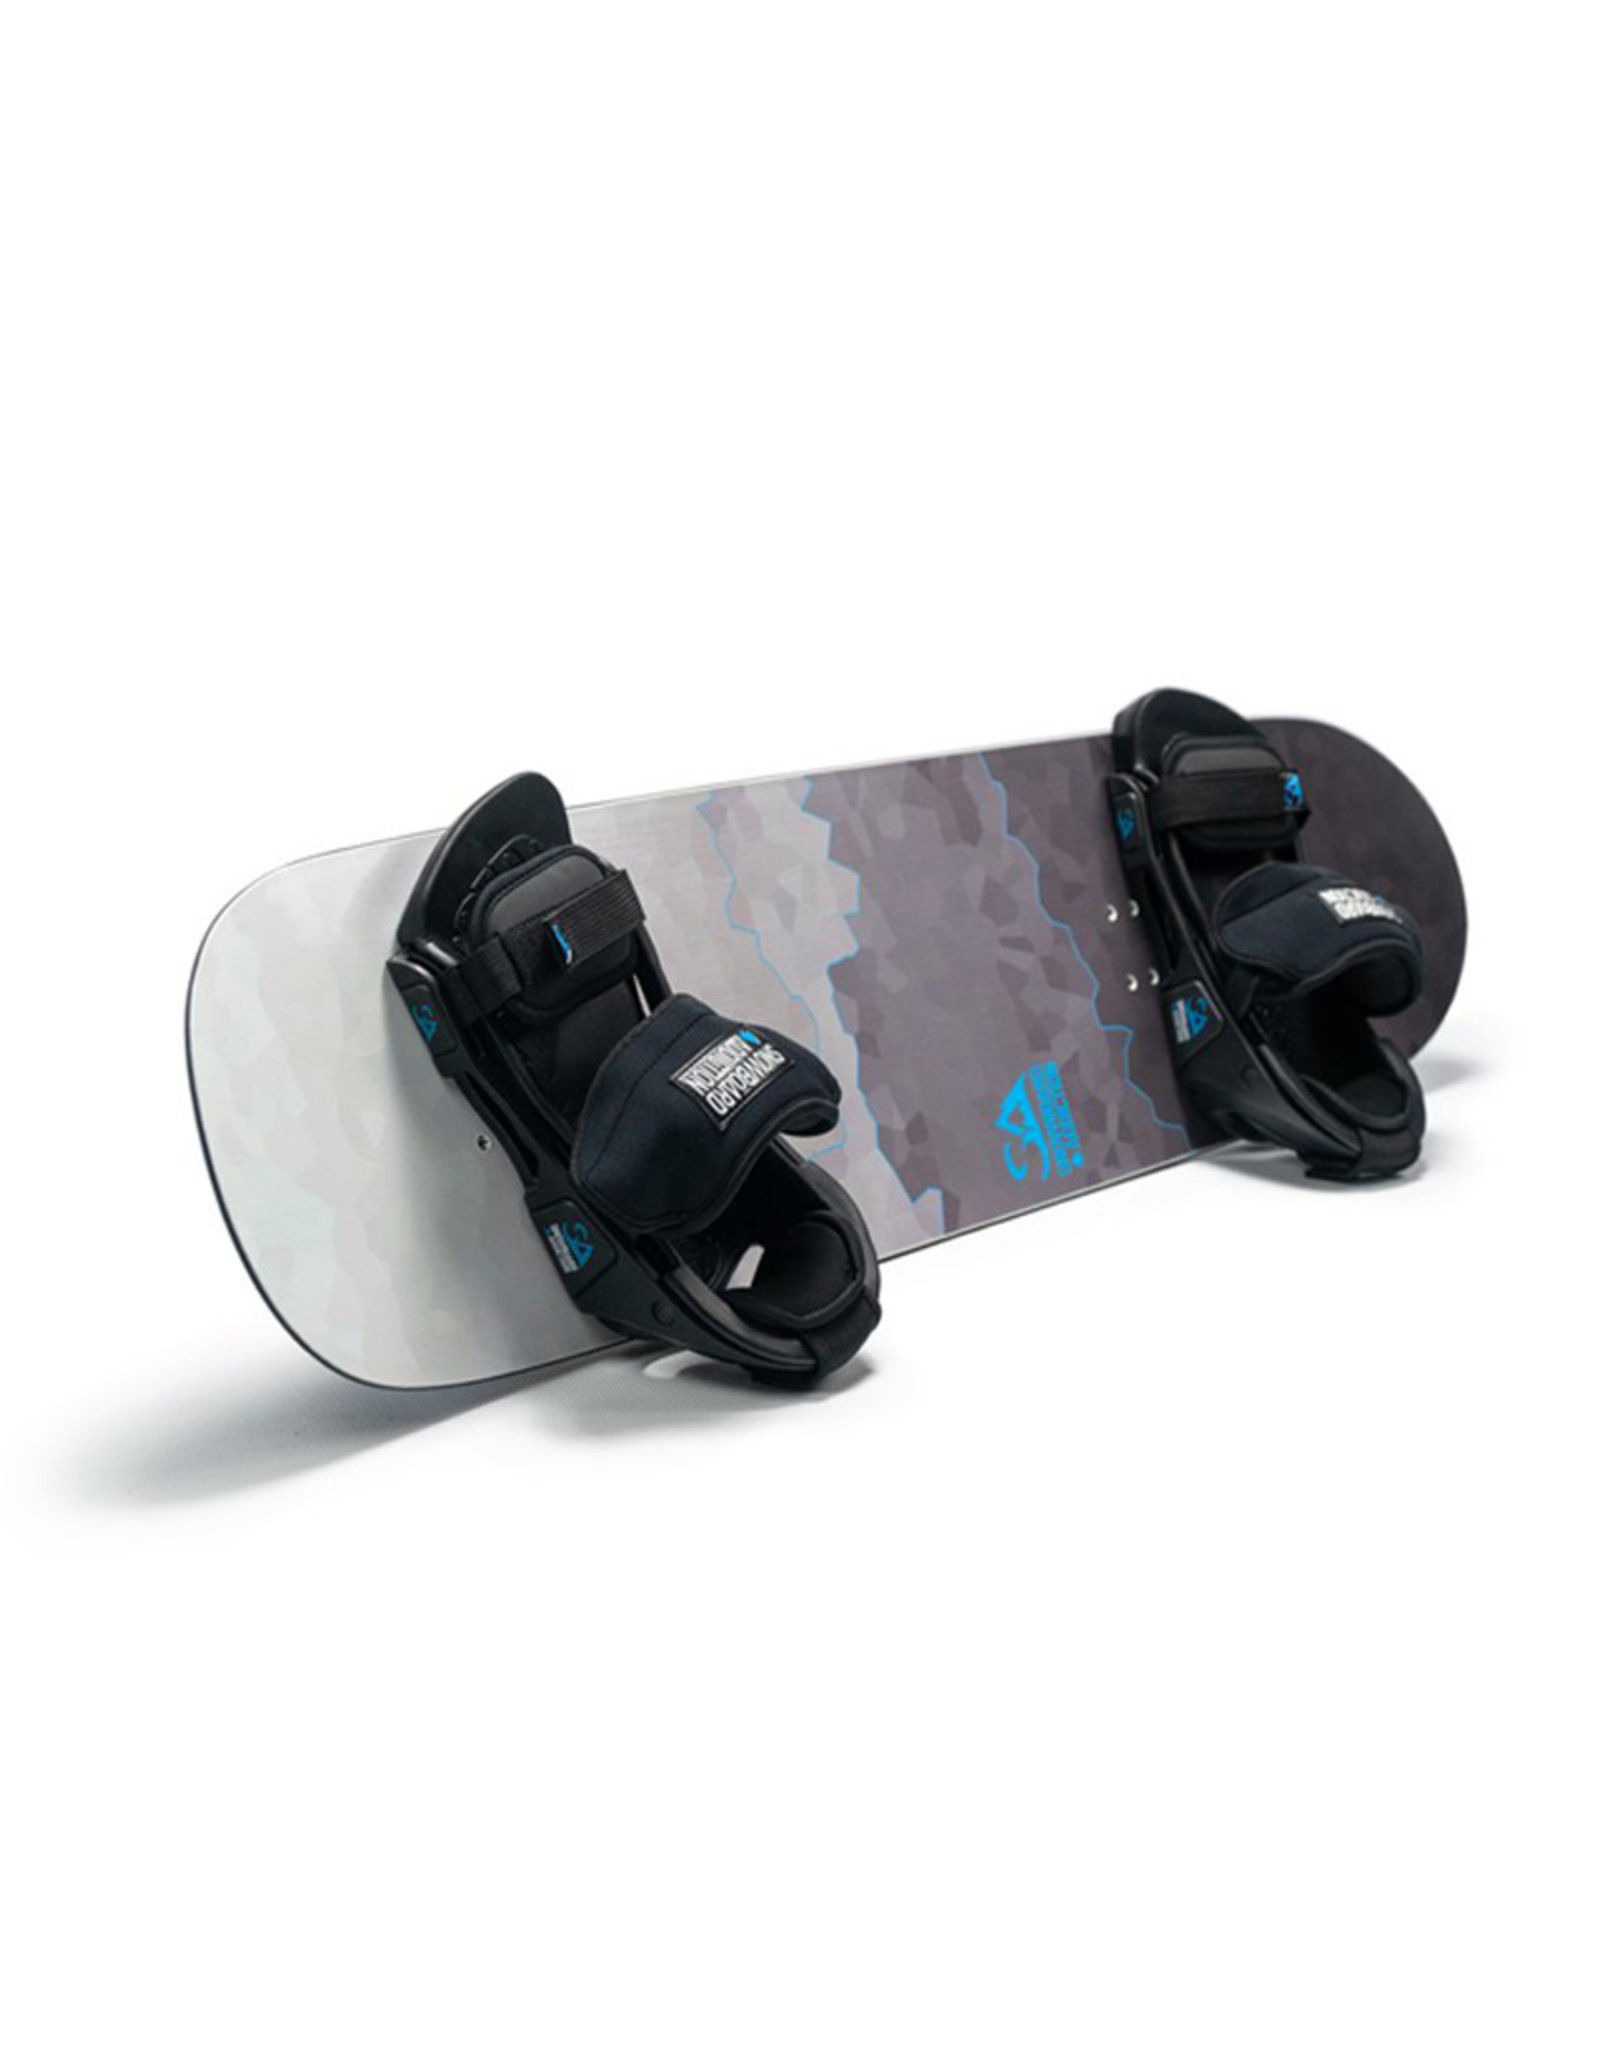 Snowboard Addiction Snowboard Addiction Addicted Training Setup